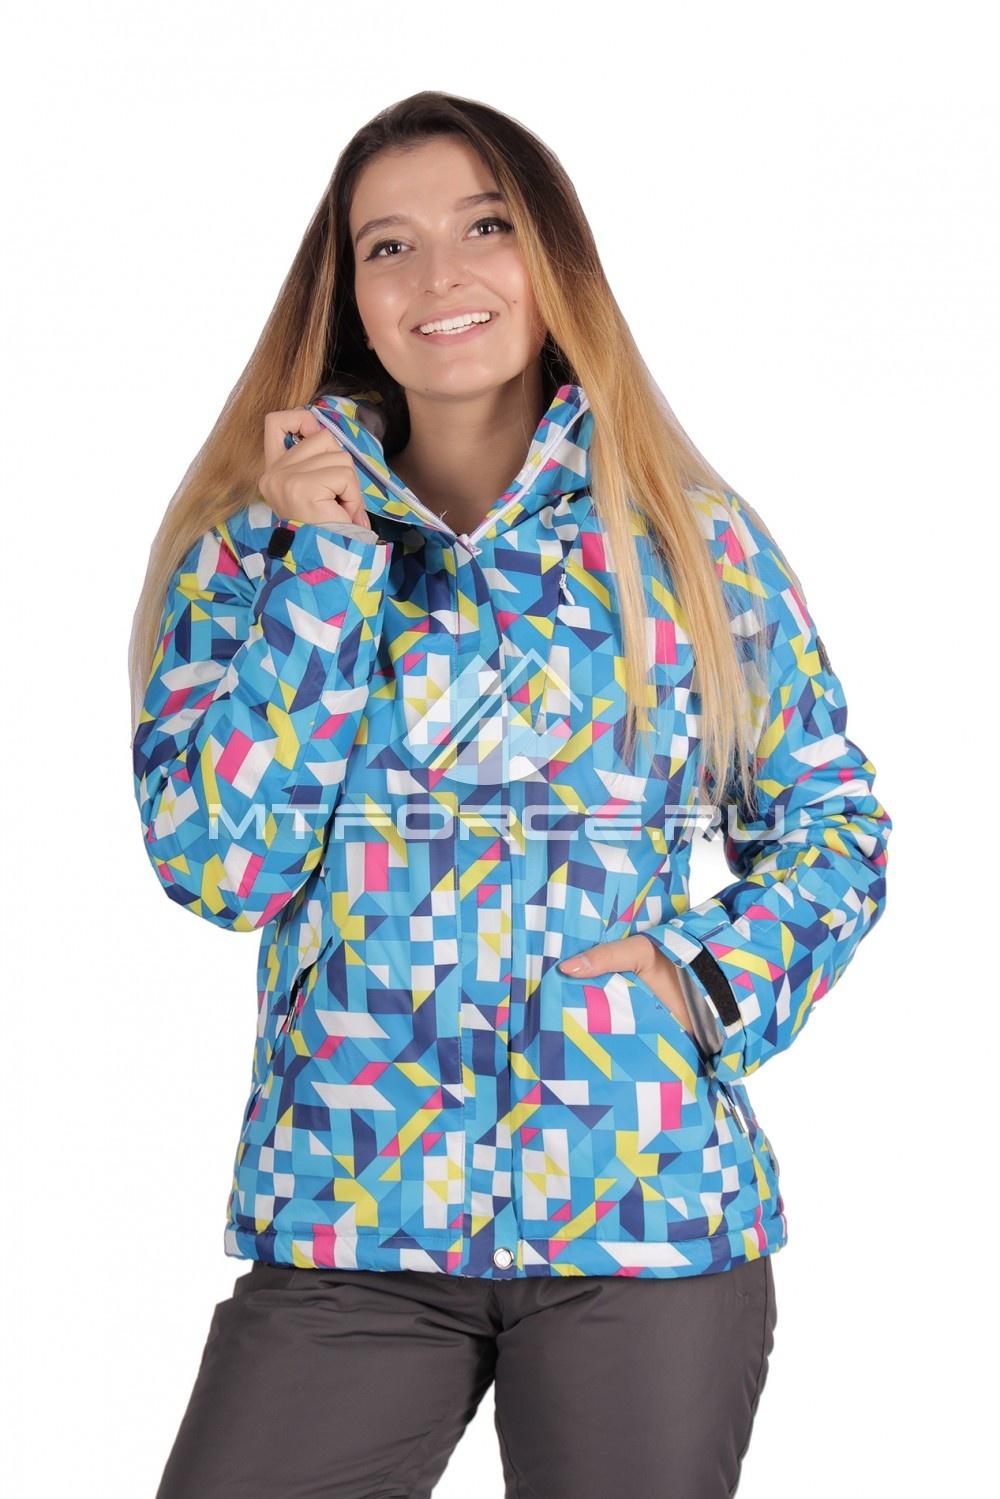 Купить                                  оптом Куртка горнолыжная женская синего цвета 1631S в Санкт-Петербурге